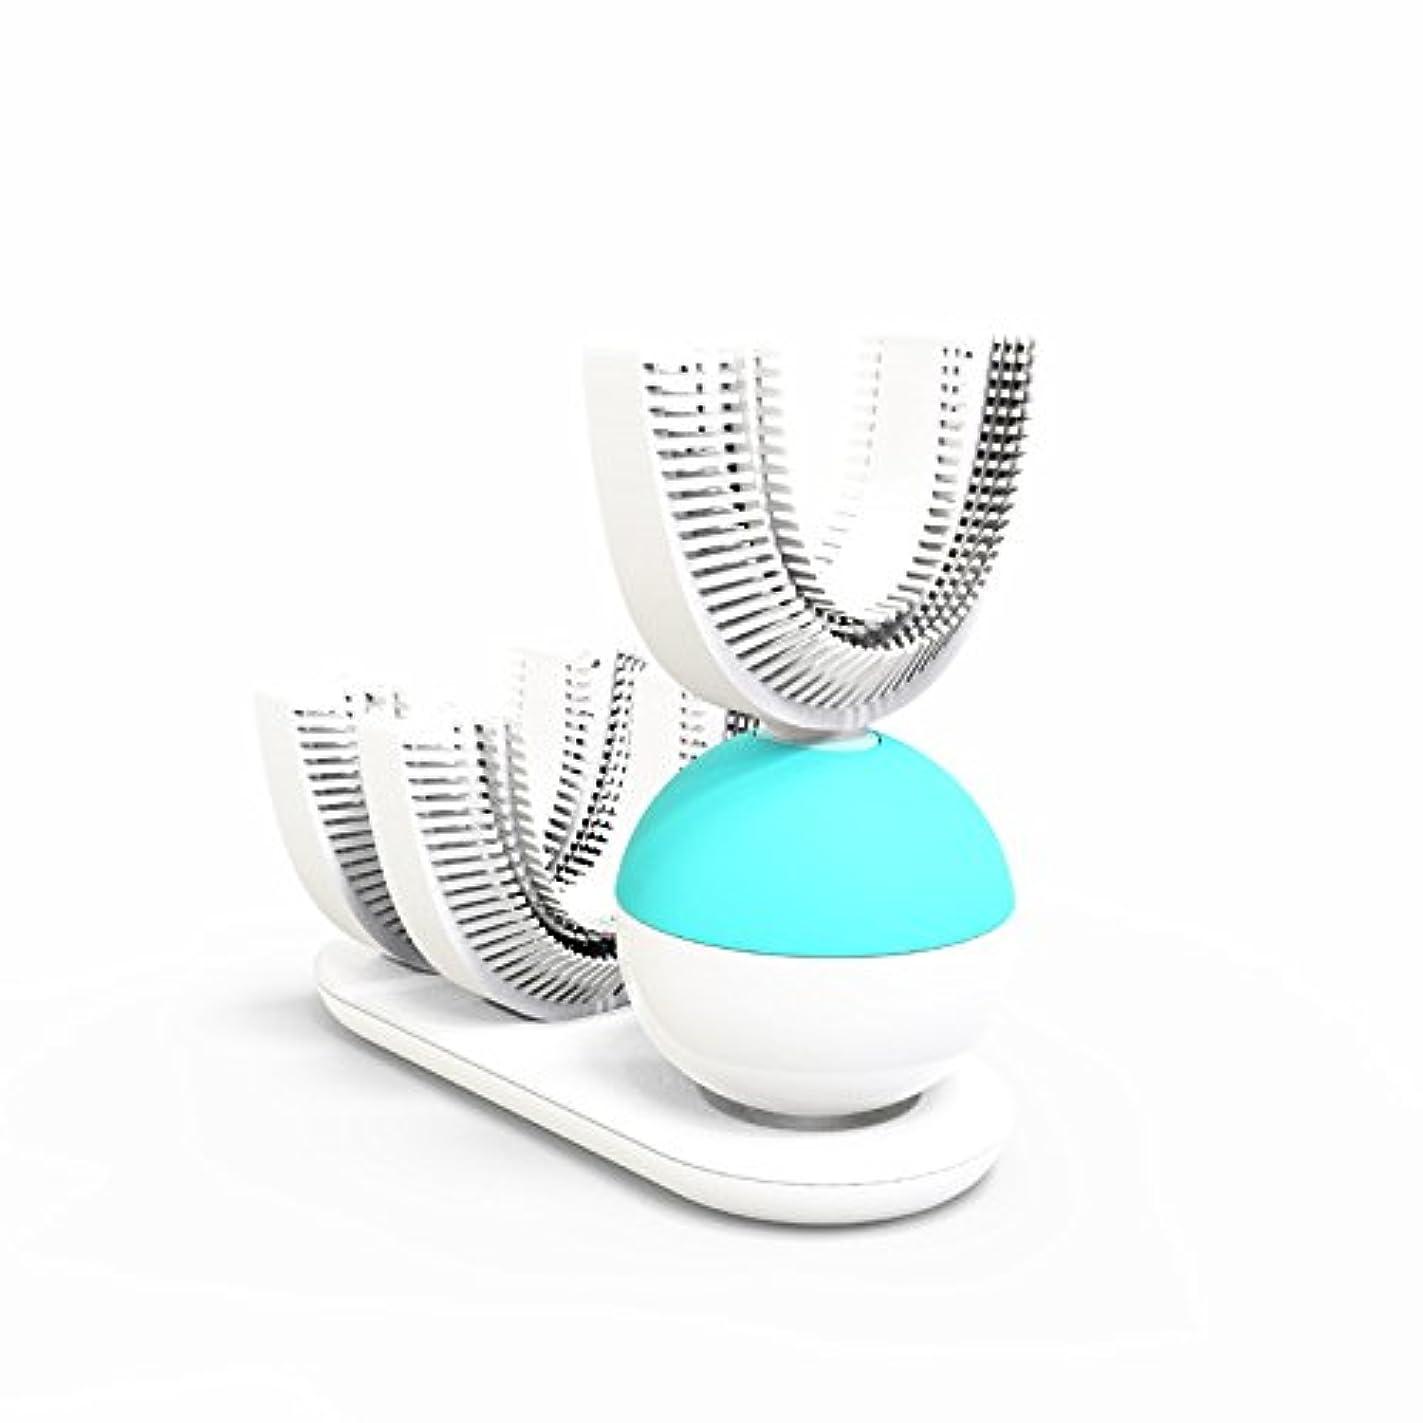 擁する個性ピアノ怠け者牙刷-電動 U型 超音波 専門370°全方位 自動歯ブラシ ワイヤレス充電 成人 怠け者 ユニークなU字型のマウスピース わずか10秒で歯磨き 自動バブル 2本の歯ブラシヘッド付き あなたの手を解放 磁気吸引接続...